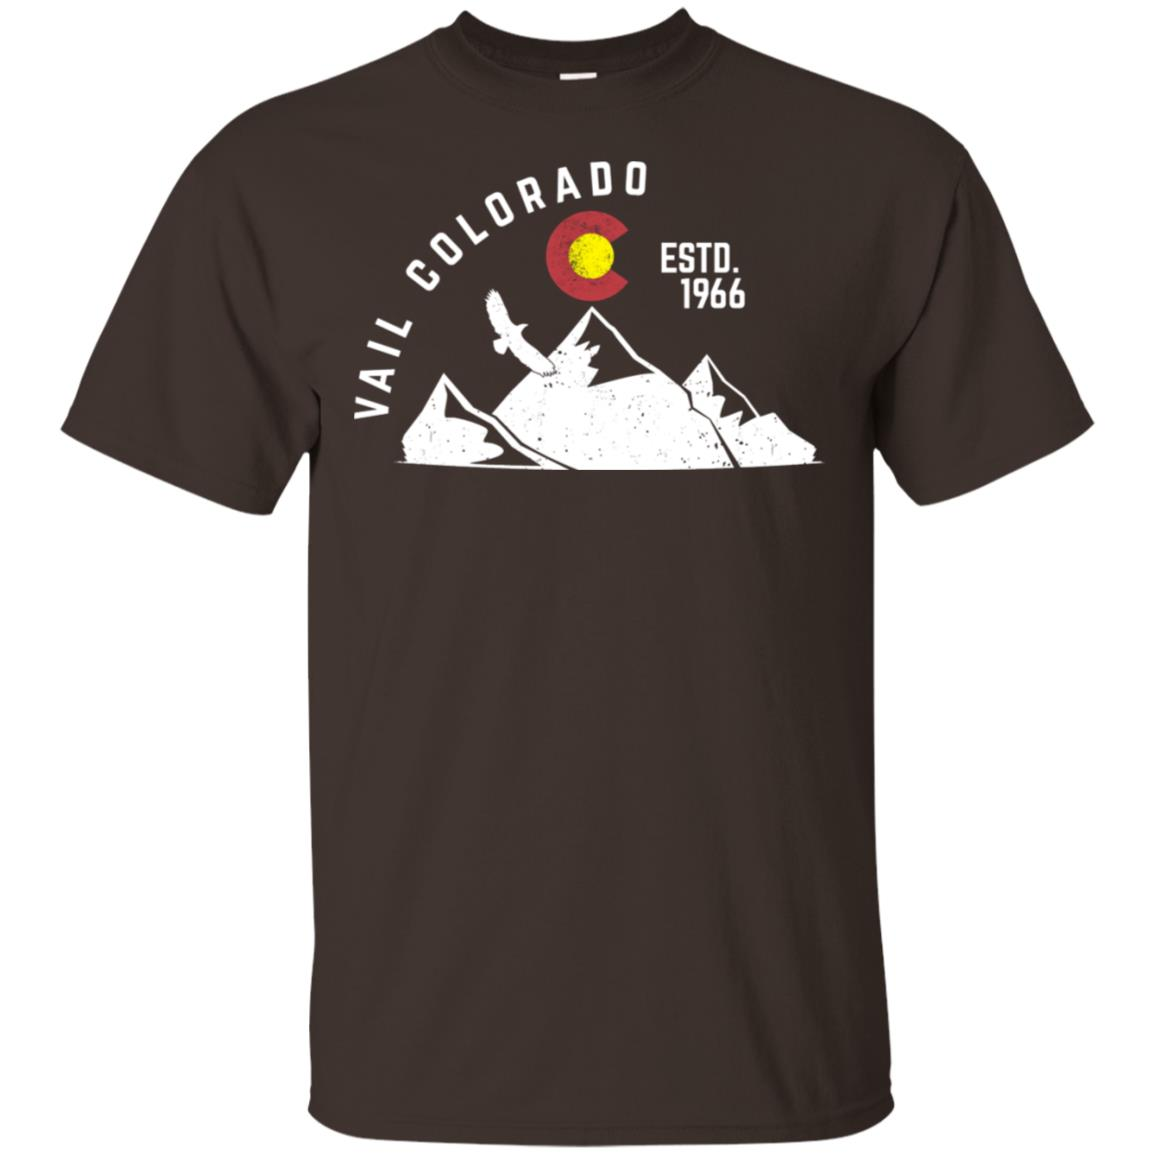 Vail Colorado Estd 1966 Colorado Flag Unisex Short Sleeve